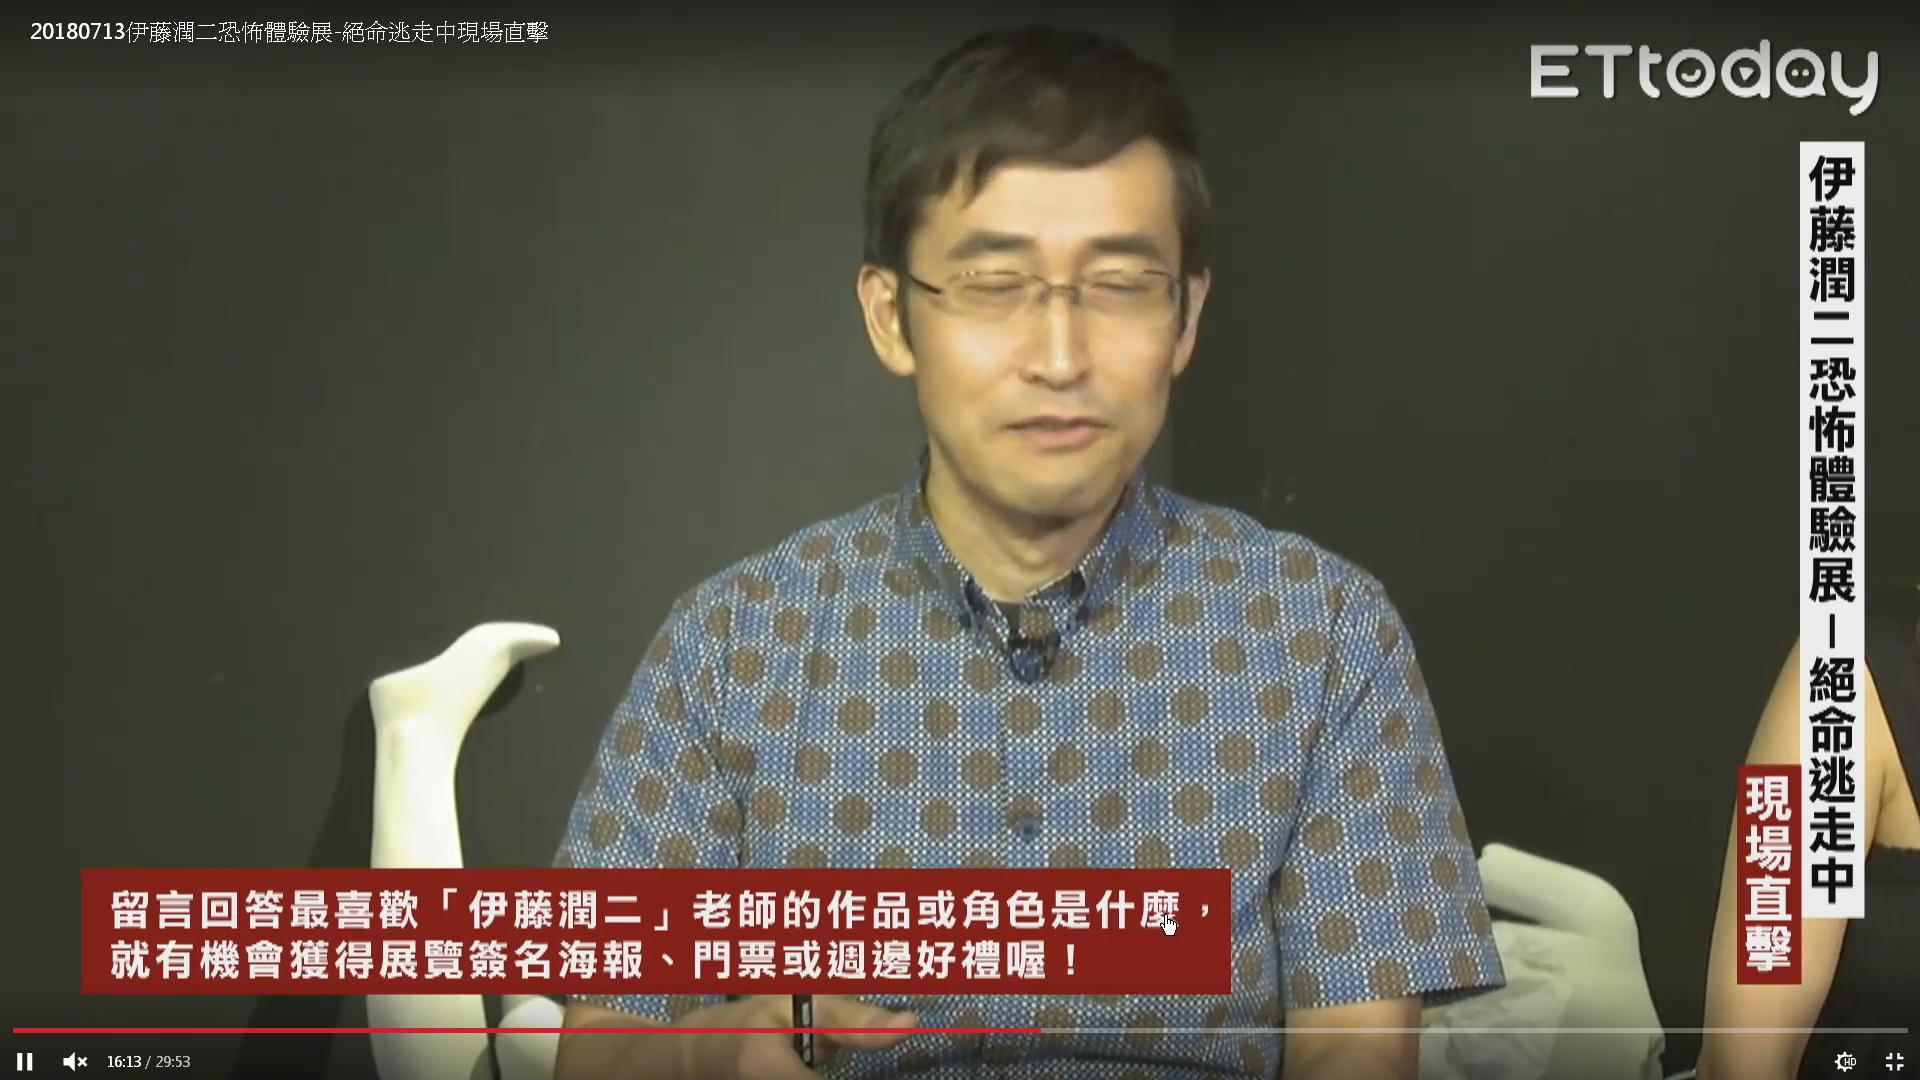 2018伊藤潤二恐怖體驗展 台北新光三越A9:伊藤潤二直播訪談 29.jpg